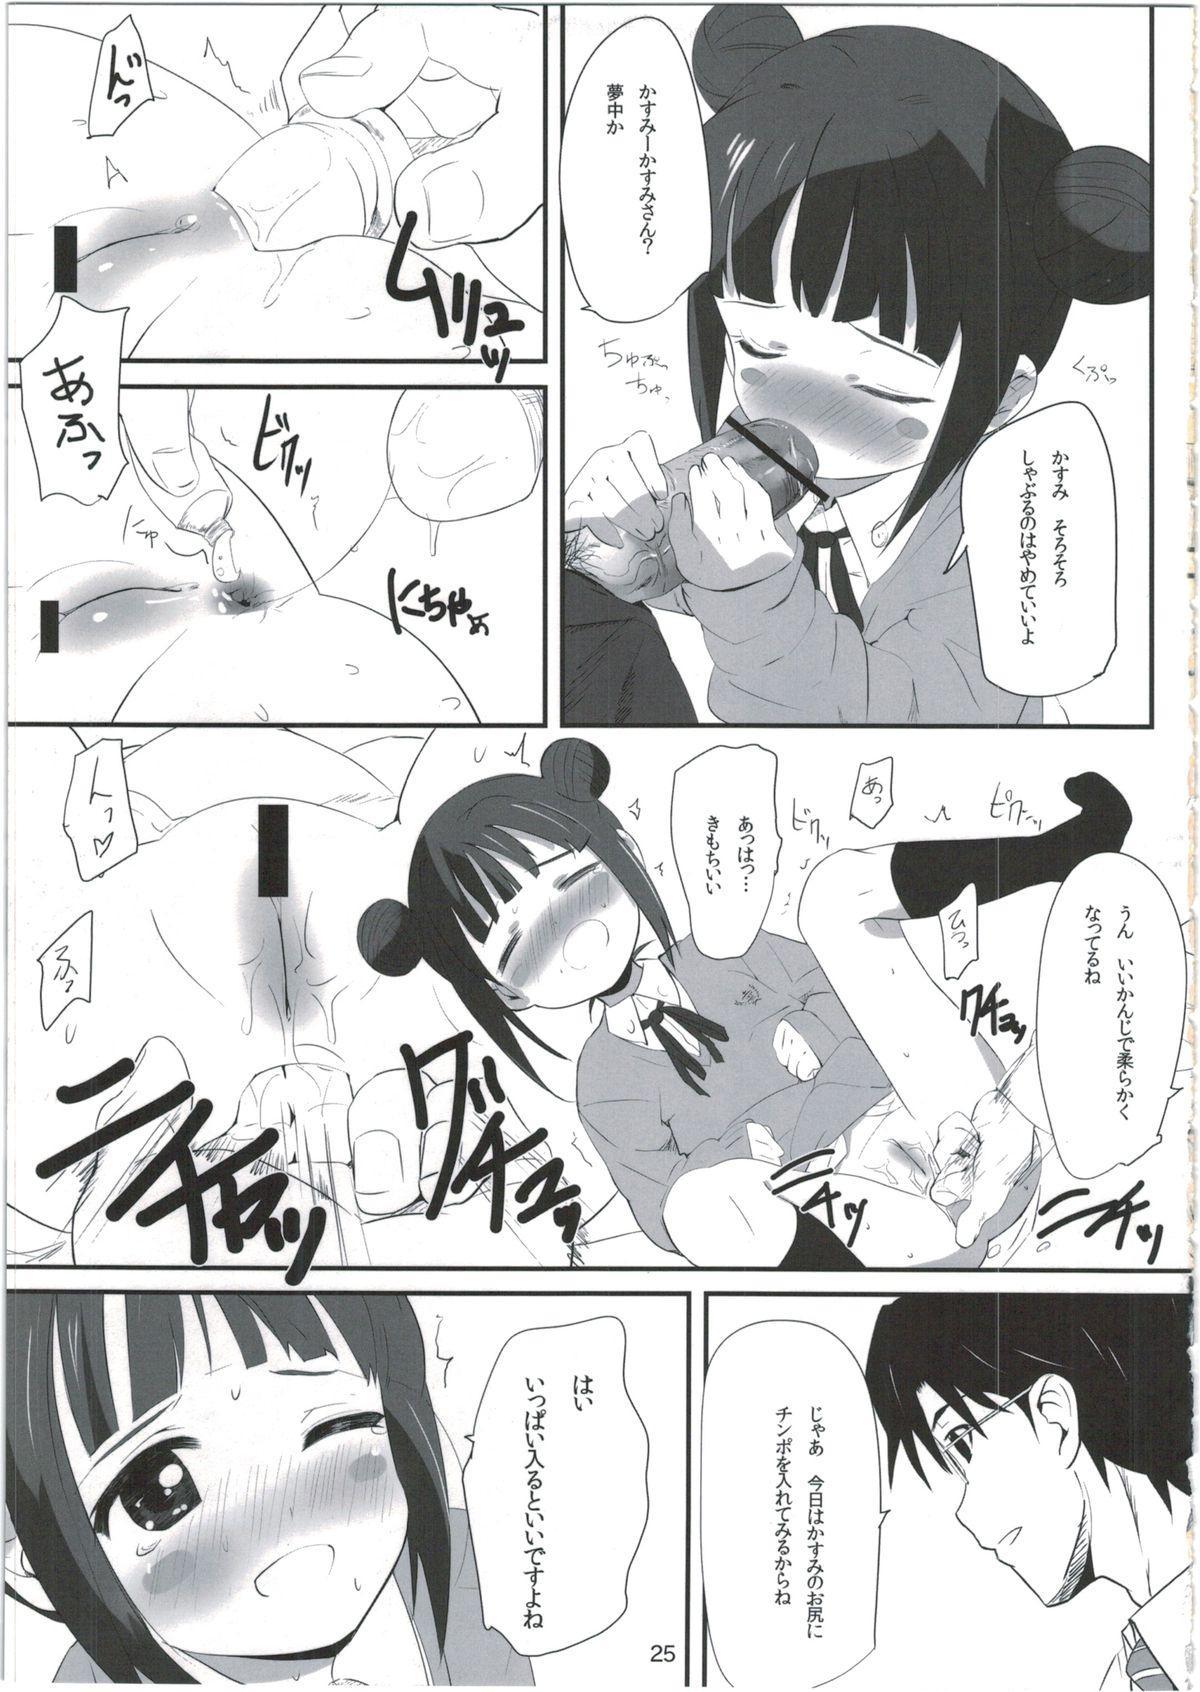 Mami_Kasumi_Oshiri Ecchi+ 24